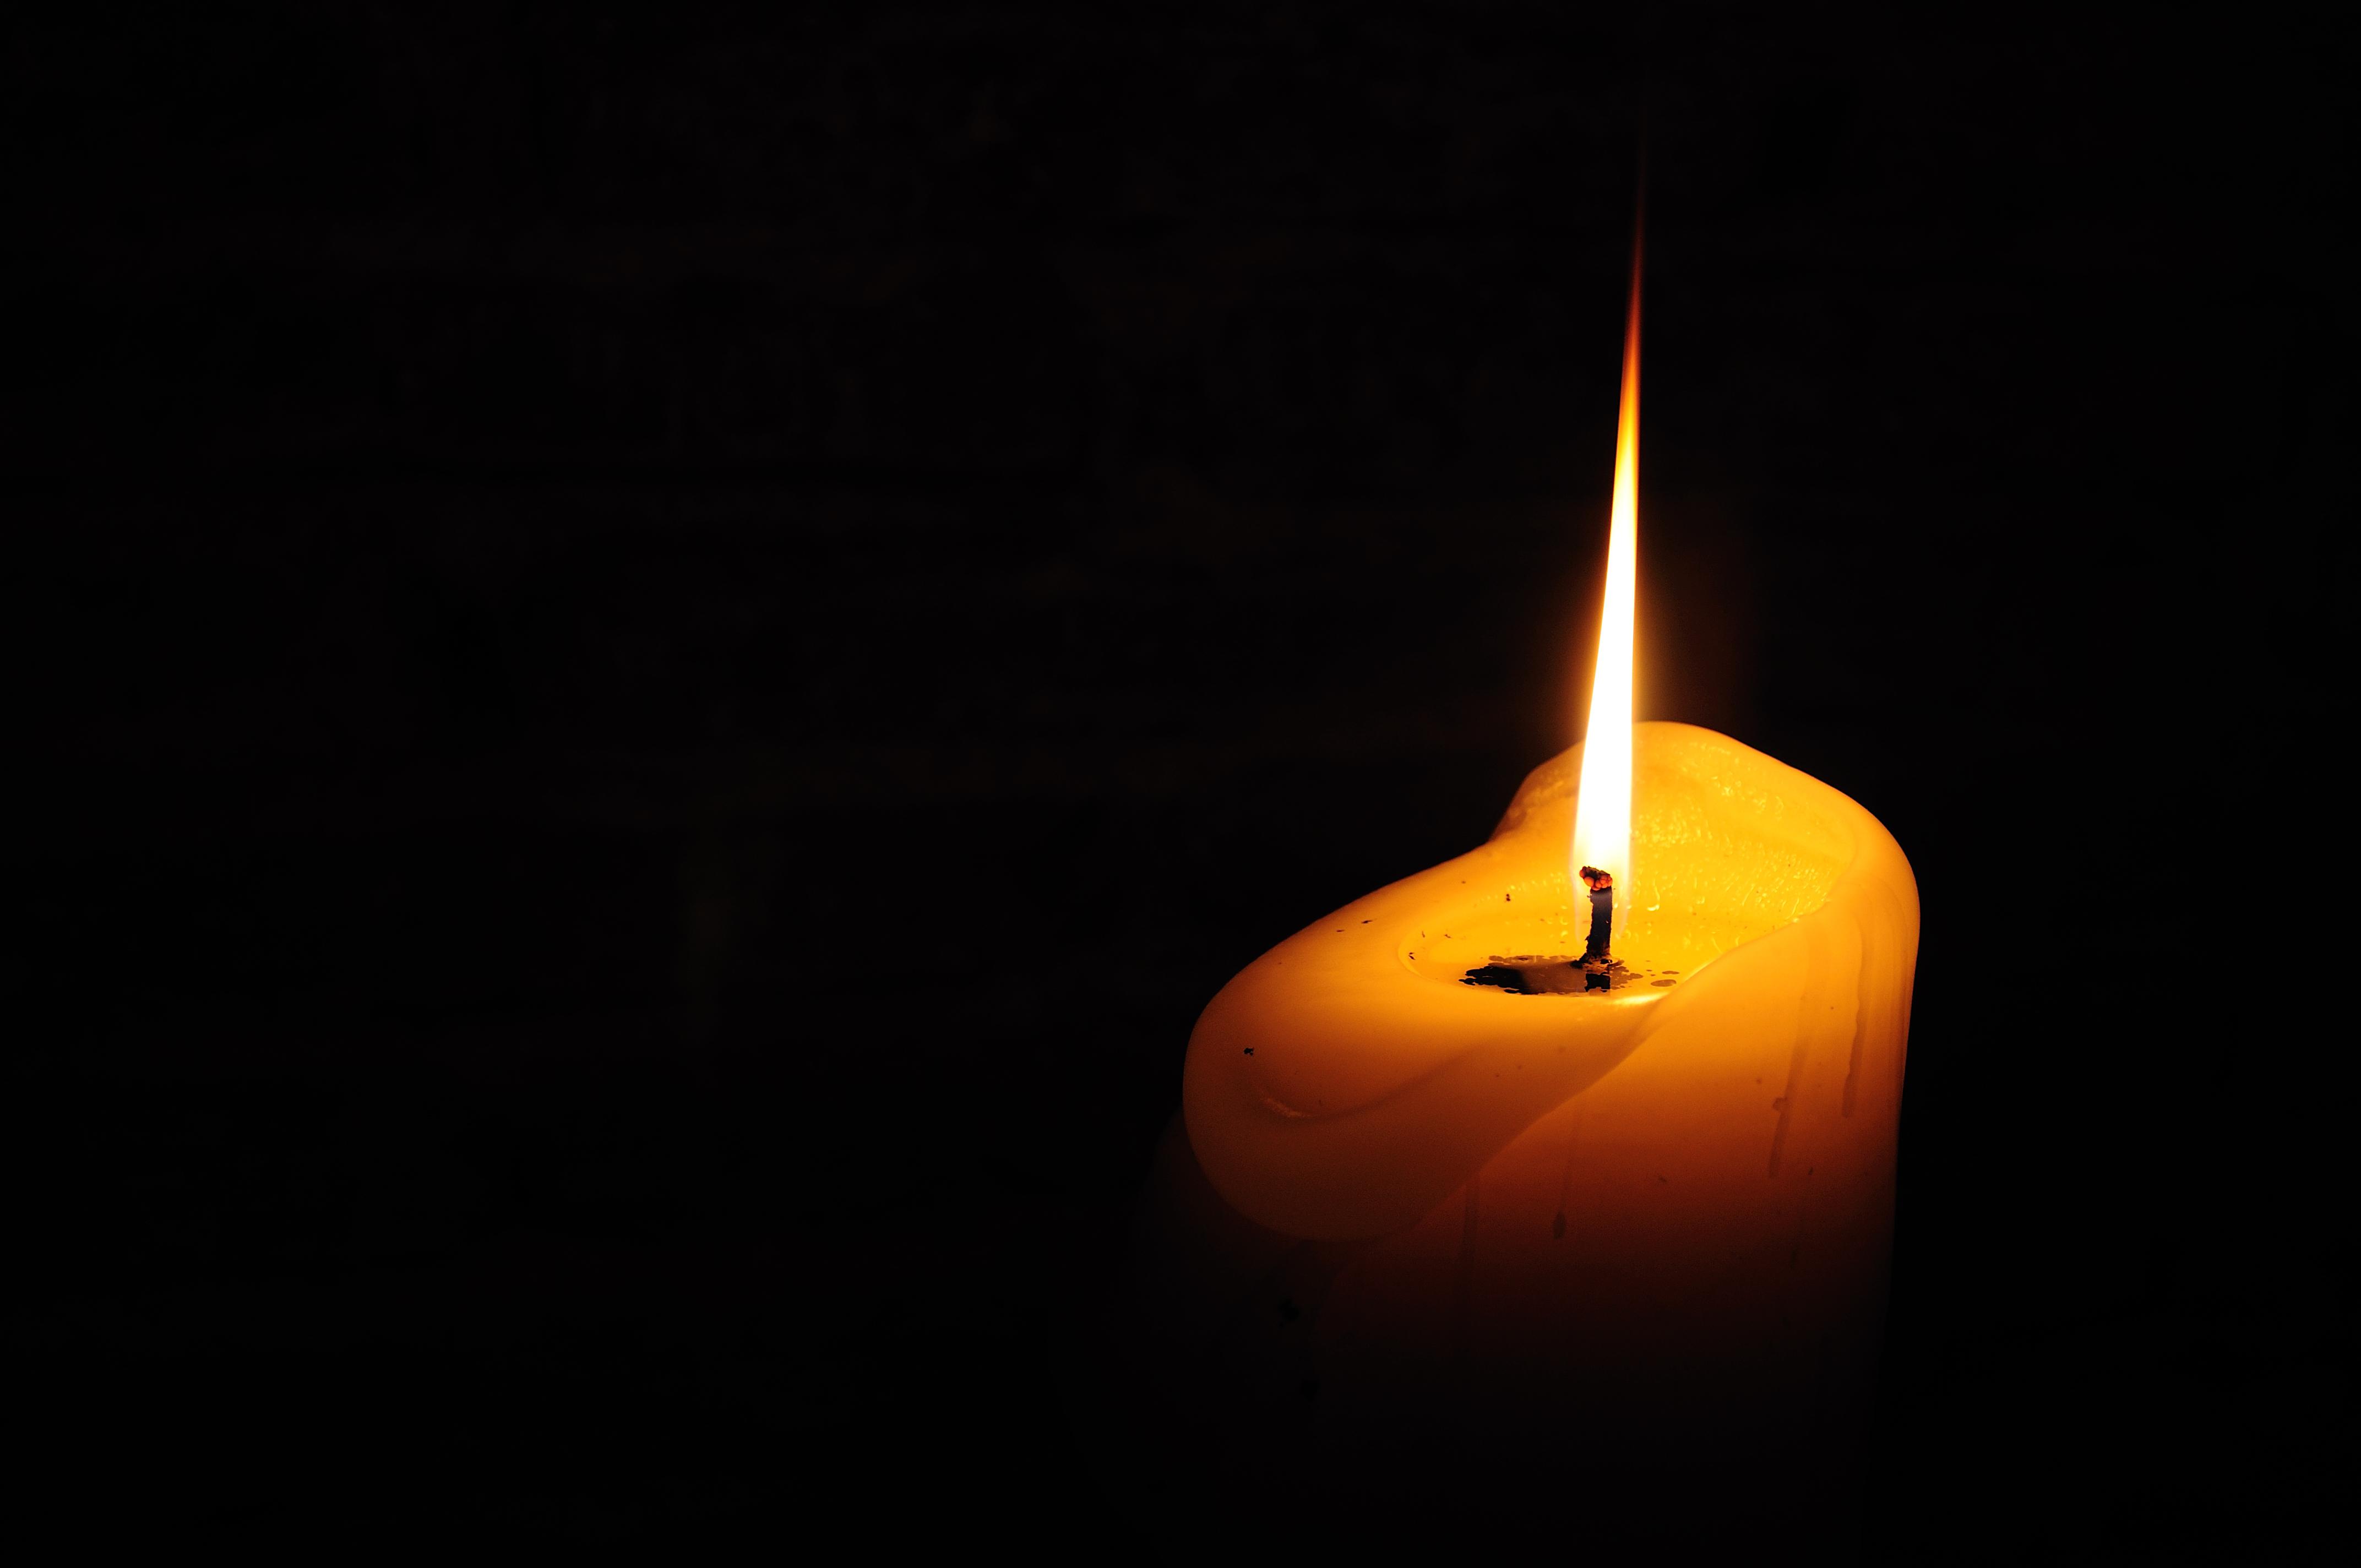 La Luz nos iluminará el camino que debemos de recorrer como masones y salir así de las tinieblas.